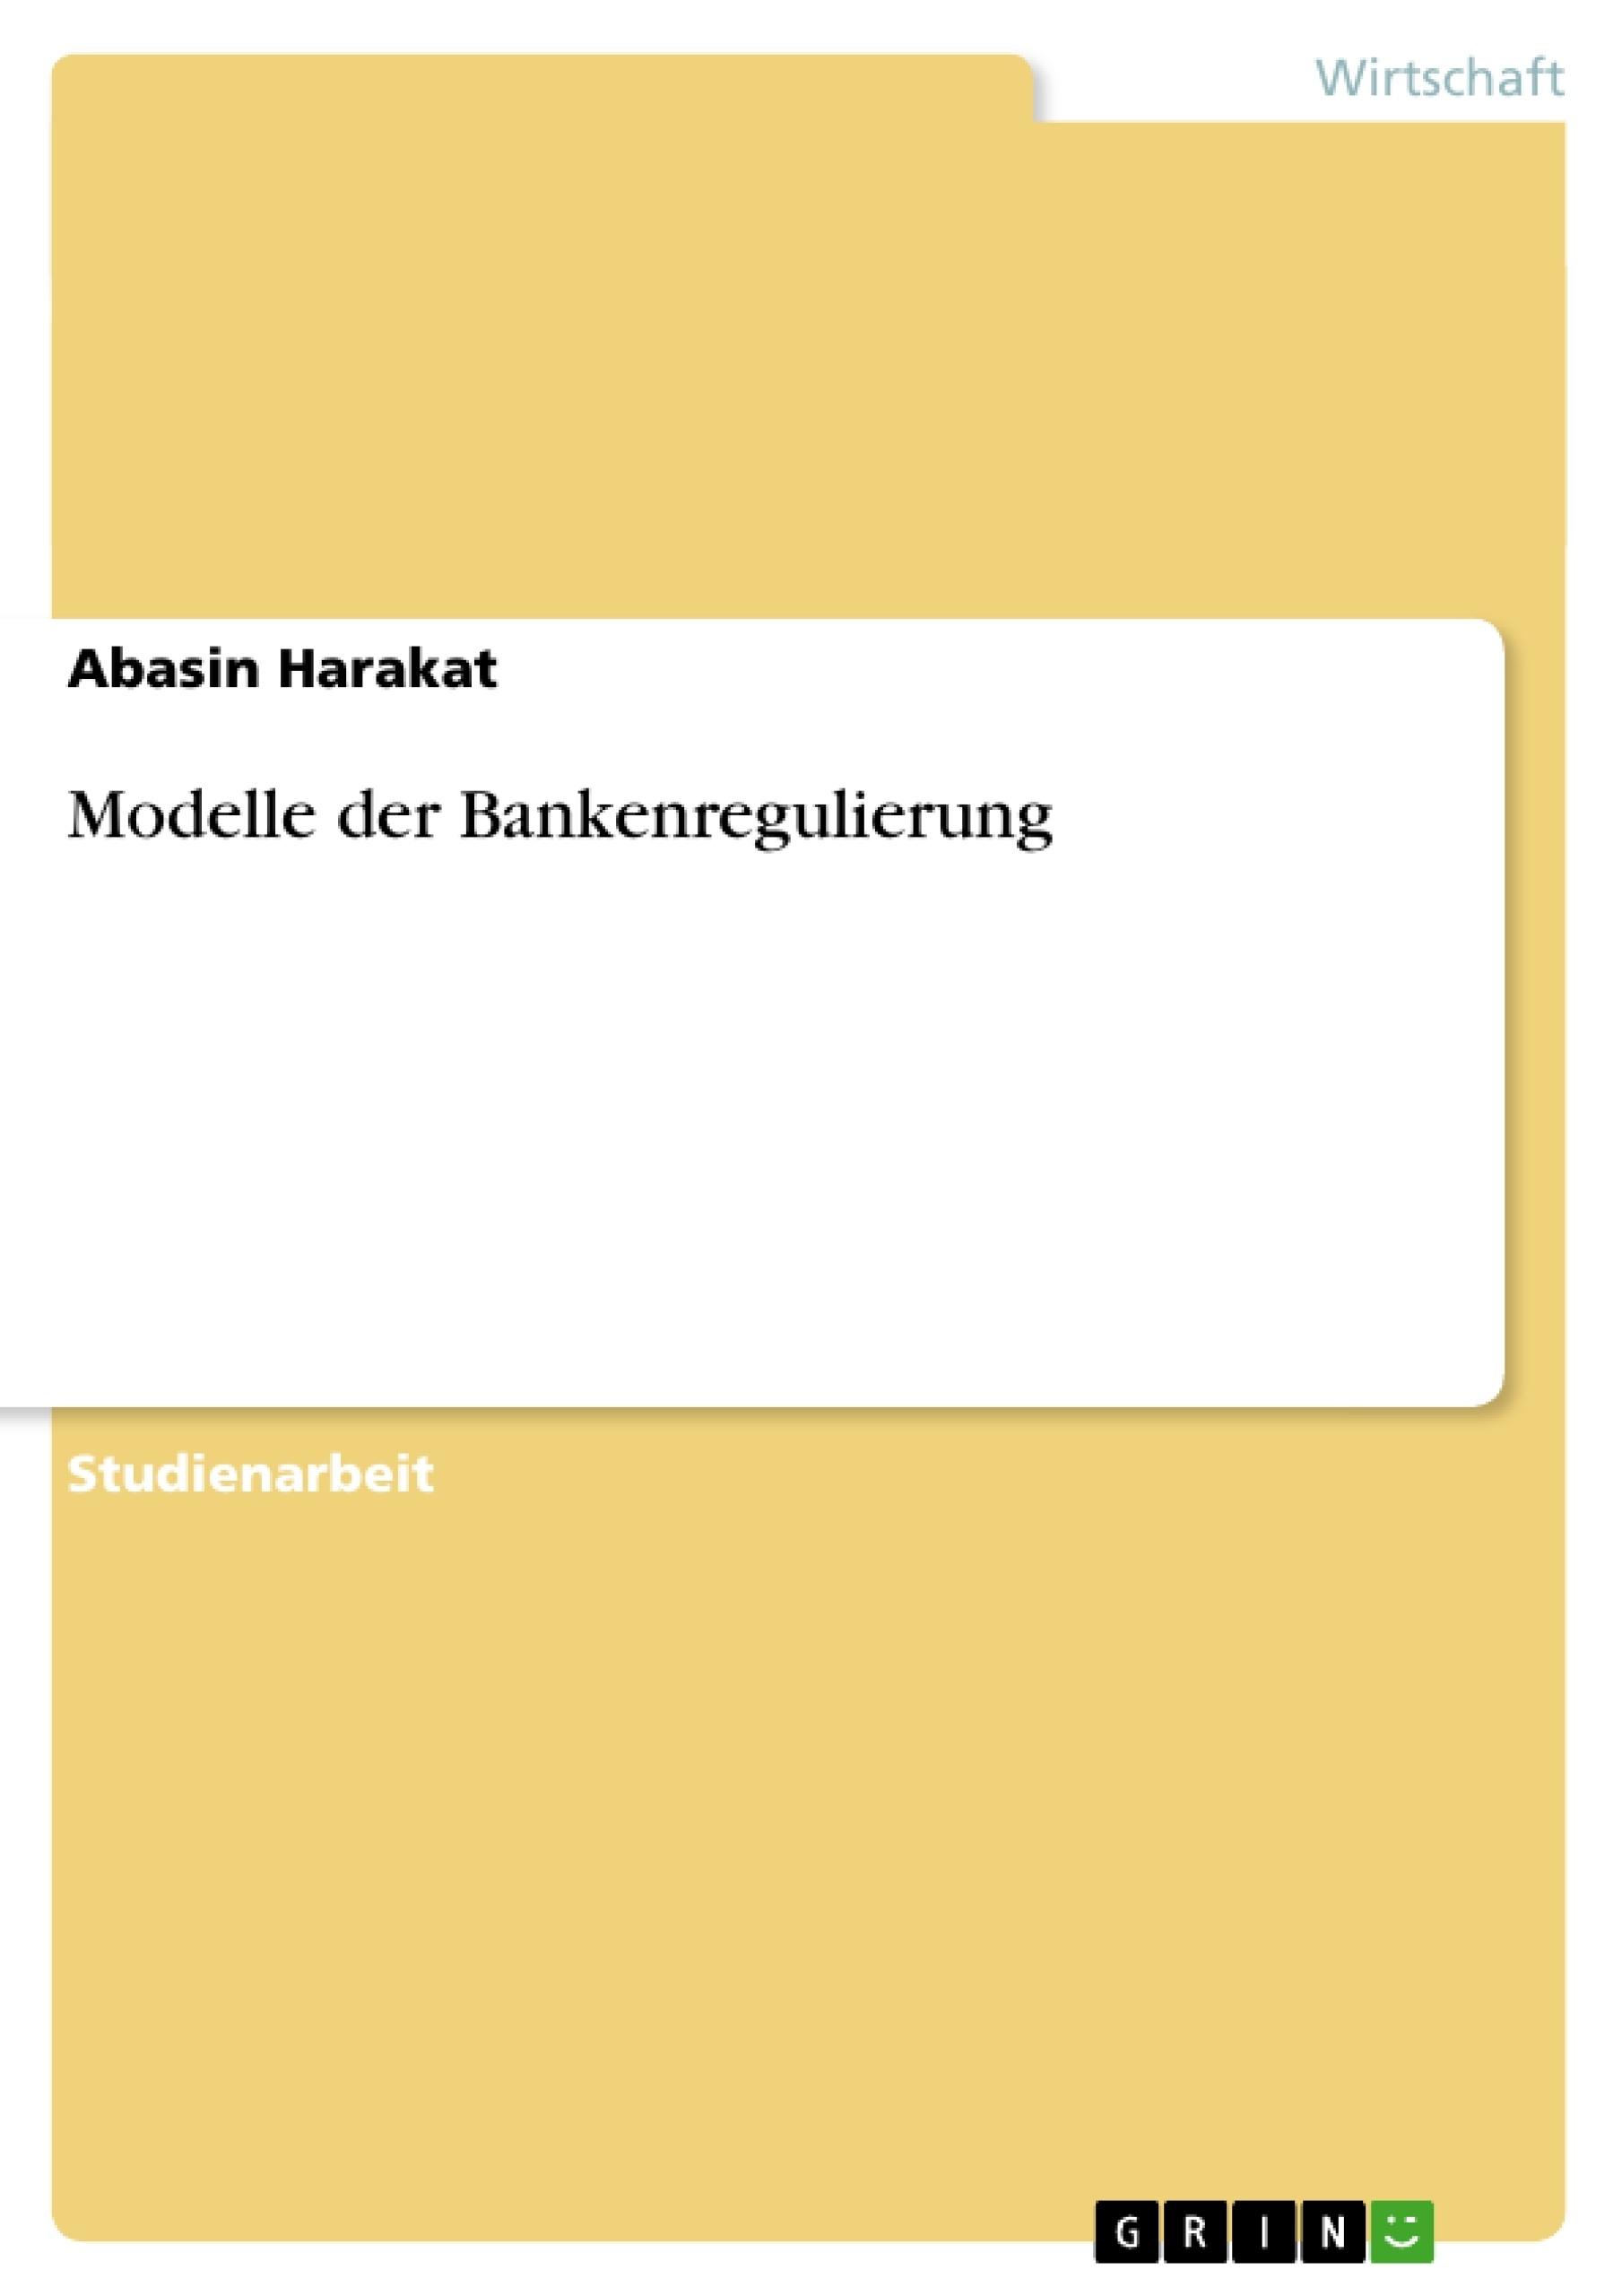 Titel: Modelle der Bankenregulierung